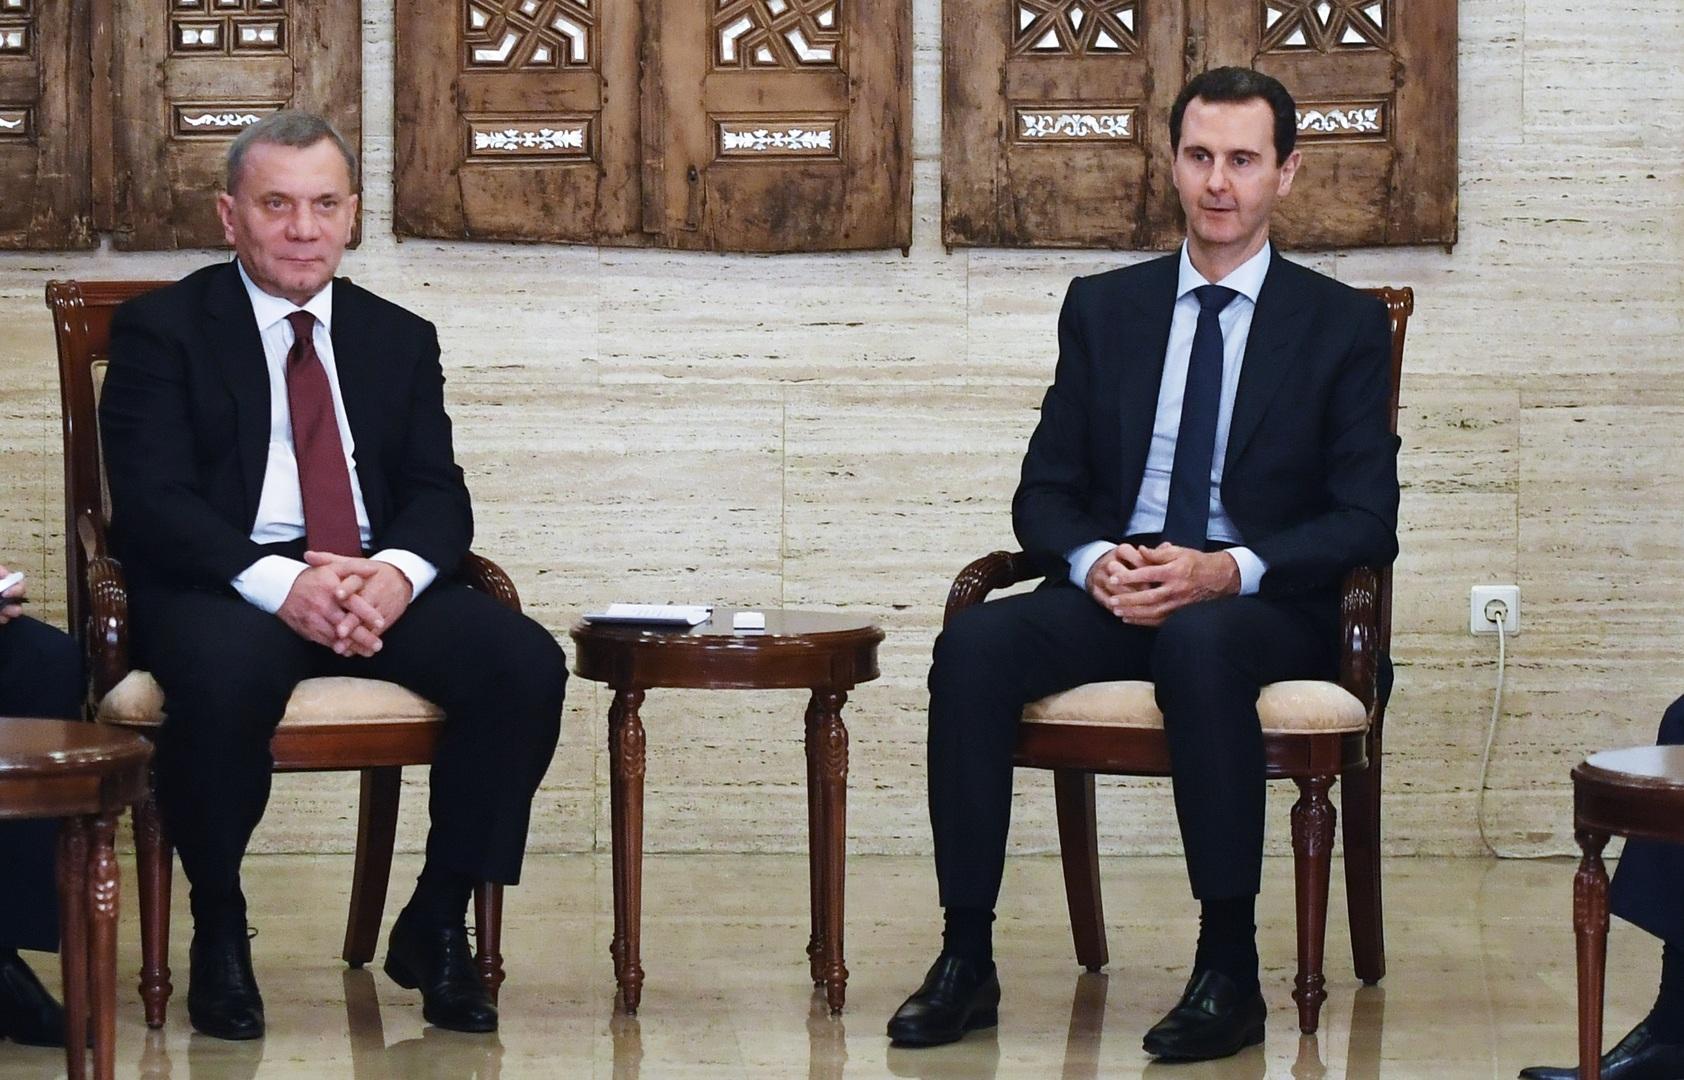 الرئيس السوري بشار الأسد ونائب رئيس الوزراء الروسي يوري بوريسوف (أرشيف)